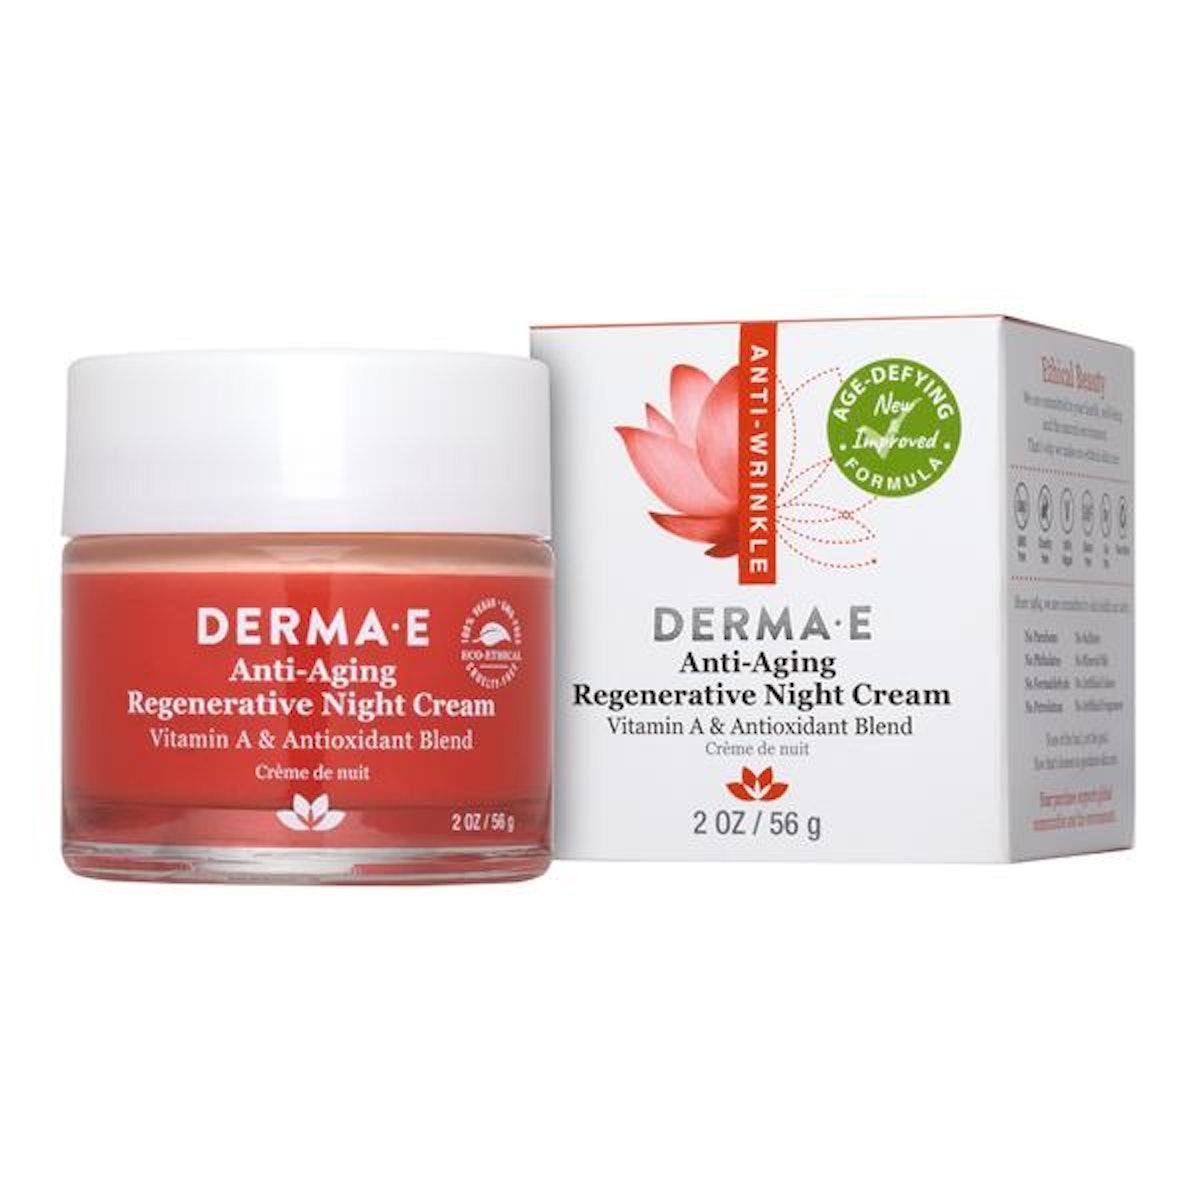 Anti-Aging Regenerative Night Cream